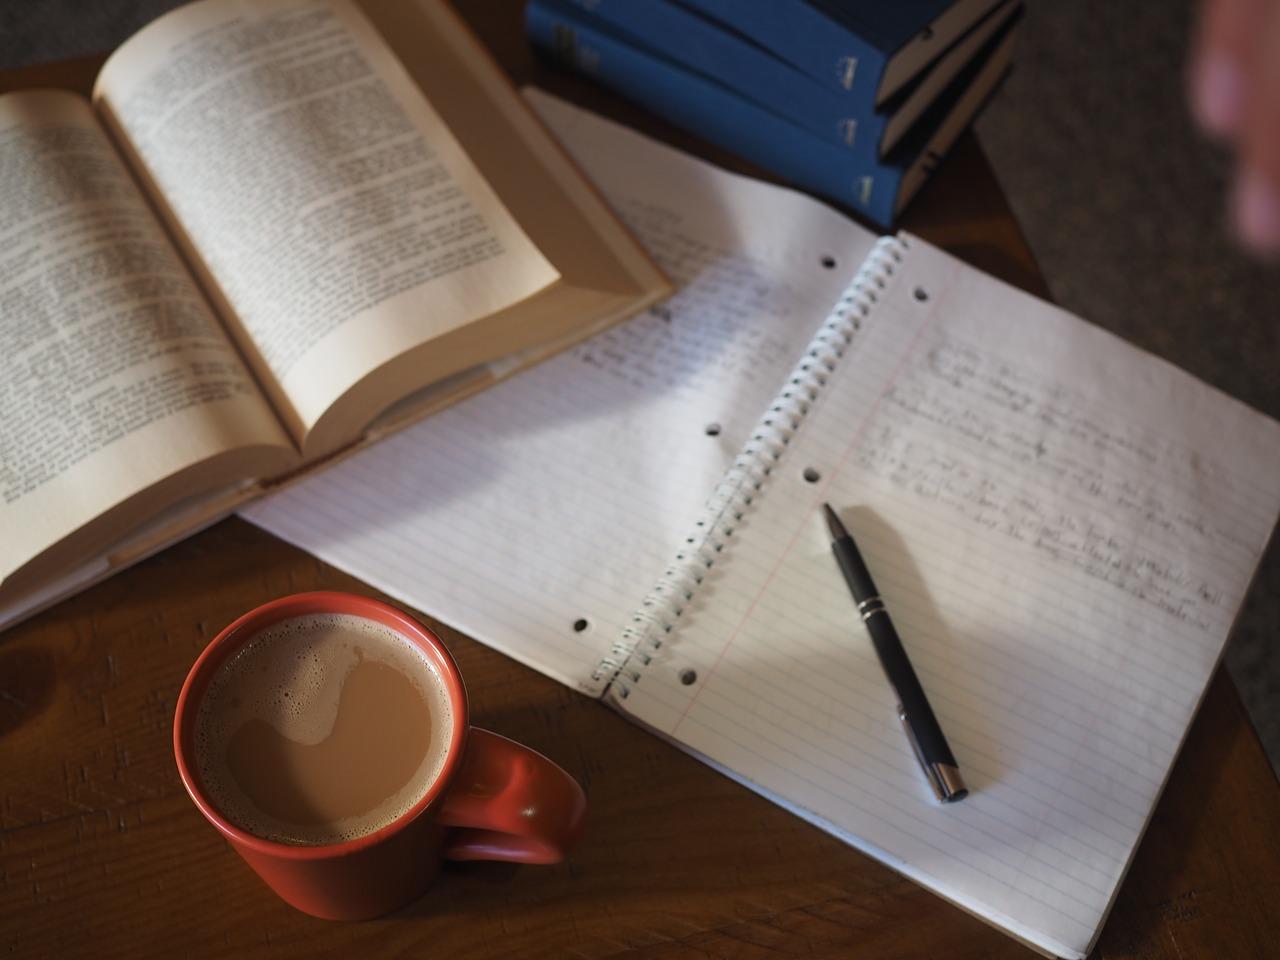 本とノートとコーヒーの画像